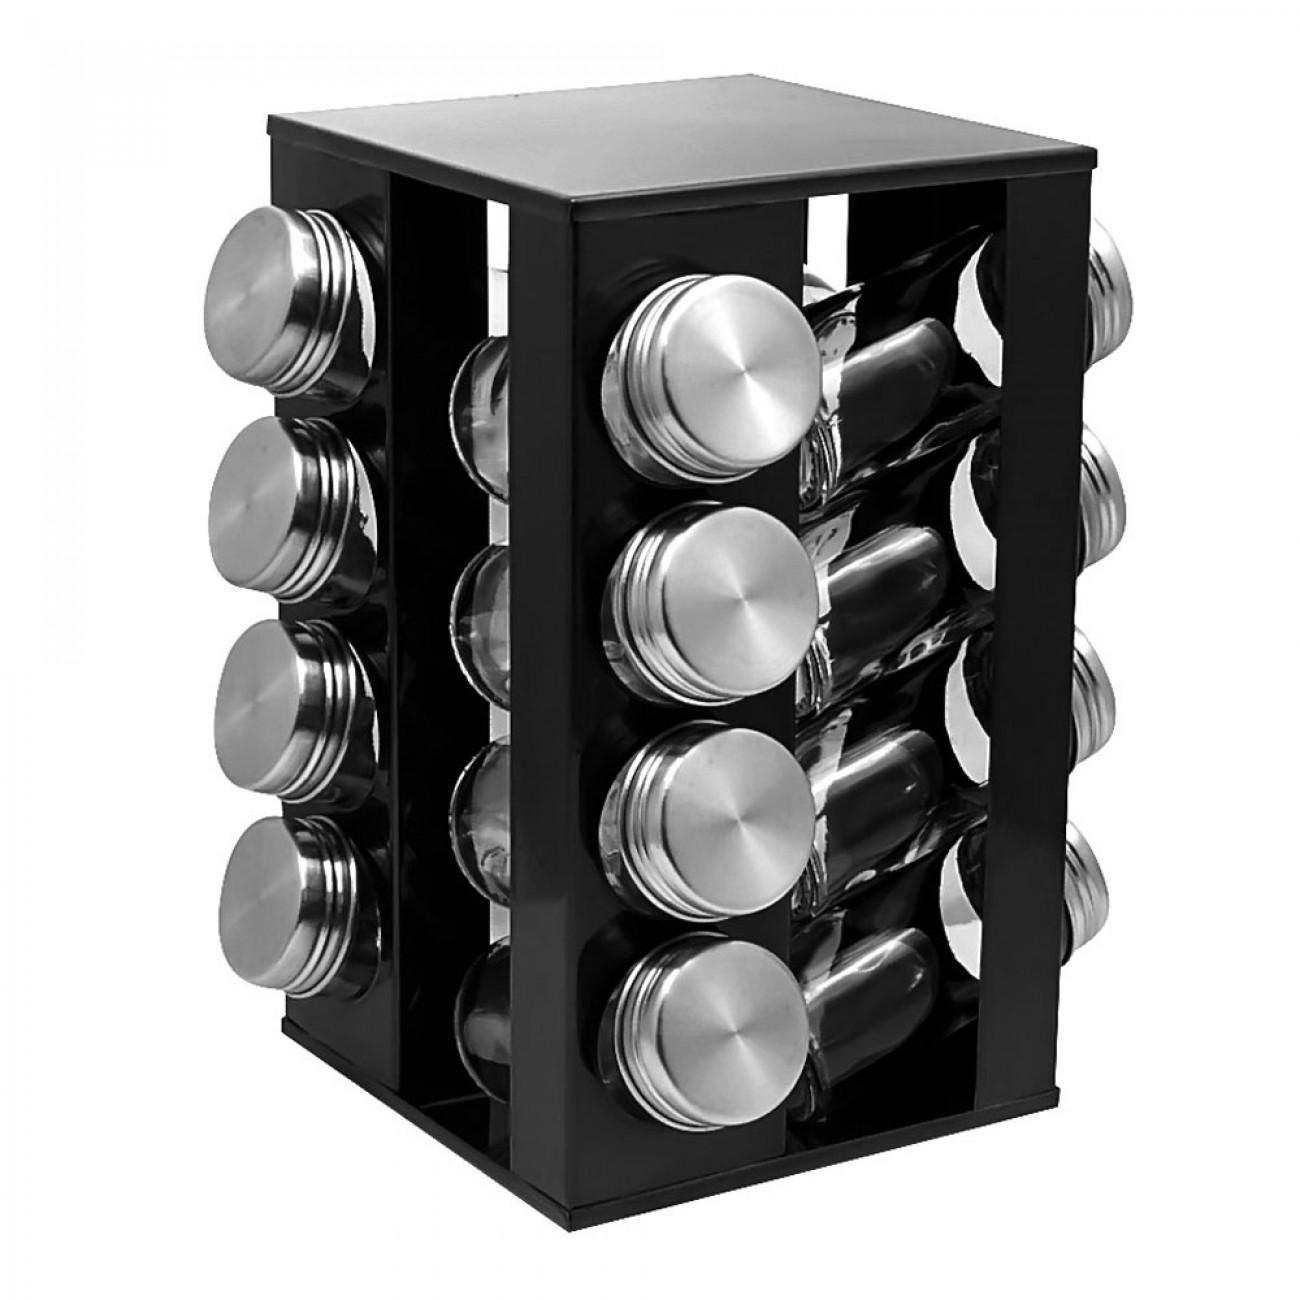 Бурканчета за подправки на стойка ZEPHYR ZP 1217 CS16, 16 бр. бурканчета, 4 нива, Въртяща се основа, Черен в Поставки за подправки и органайзери за кухня - ZEPHYR | Alleop